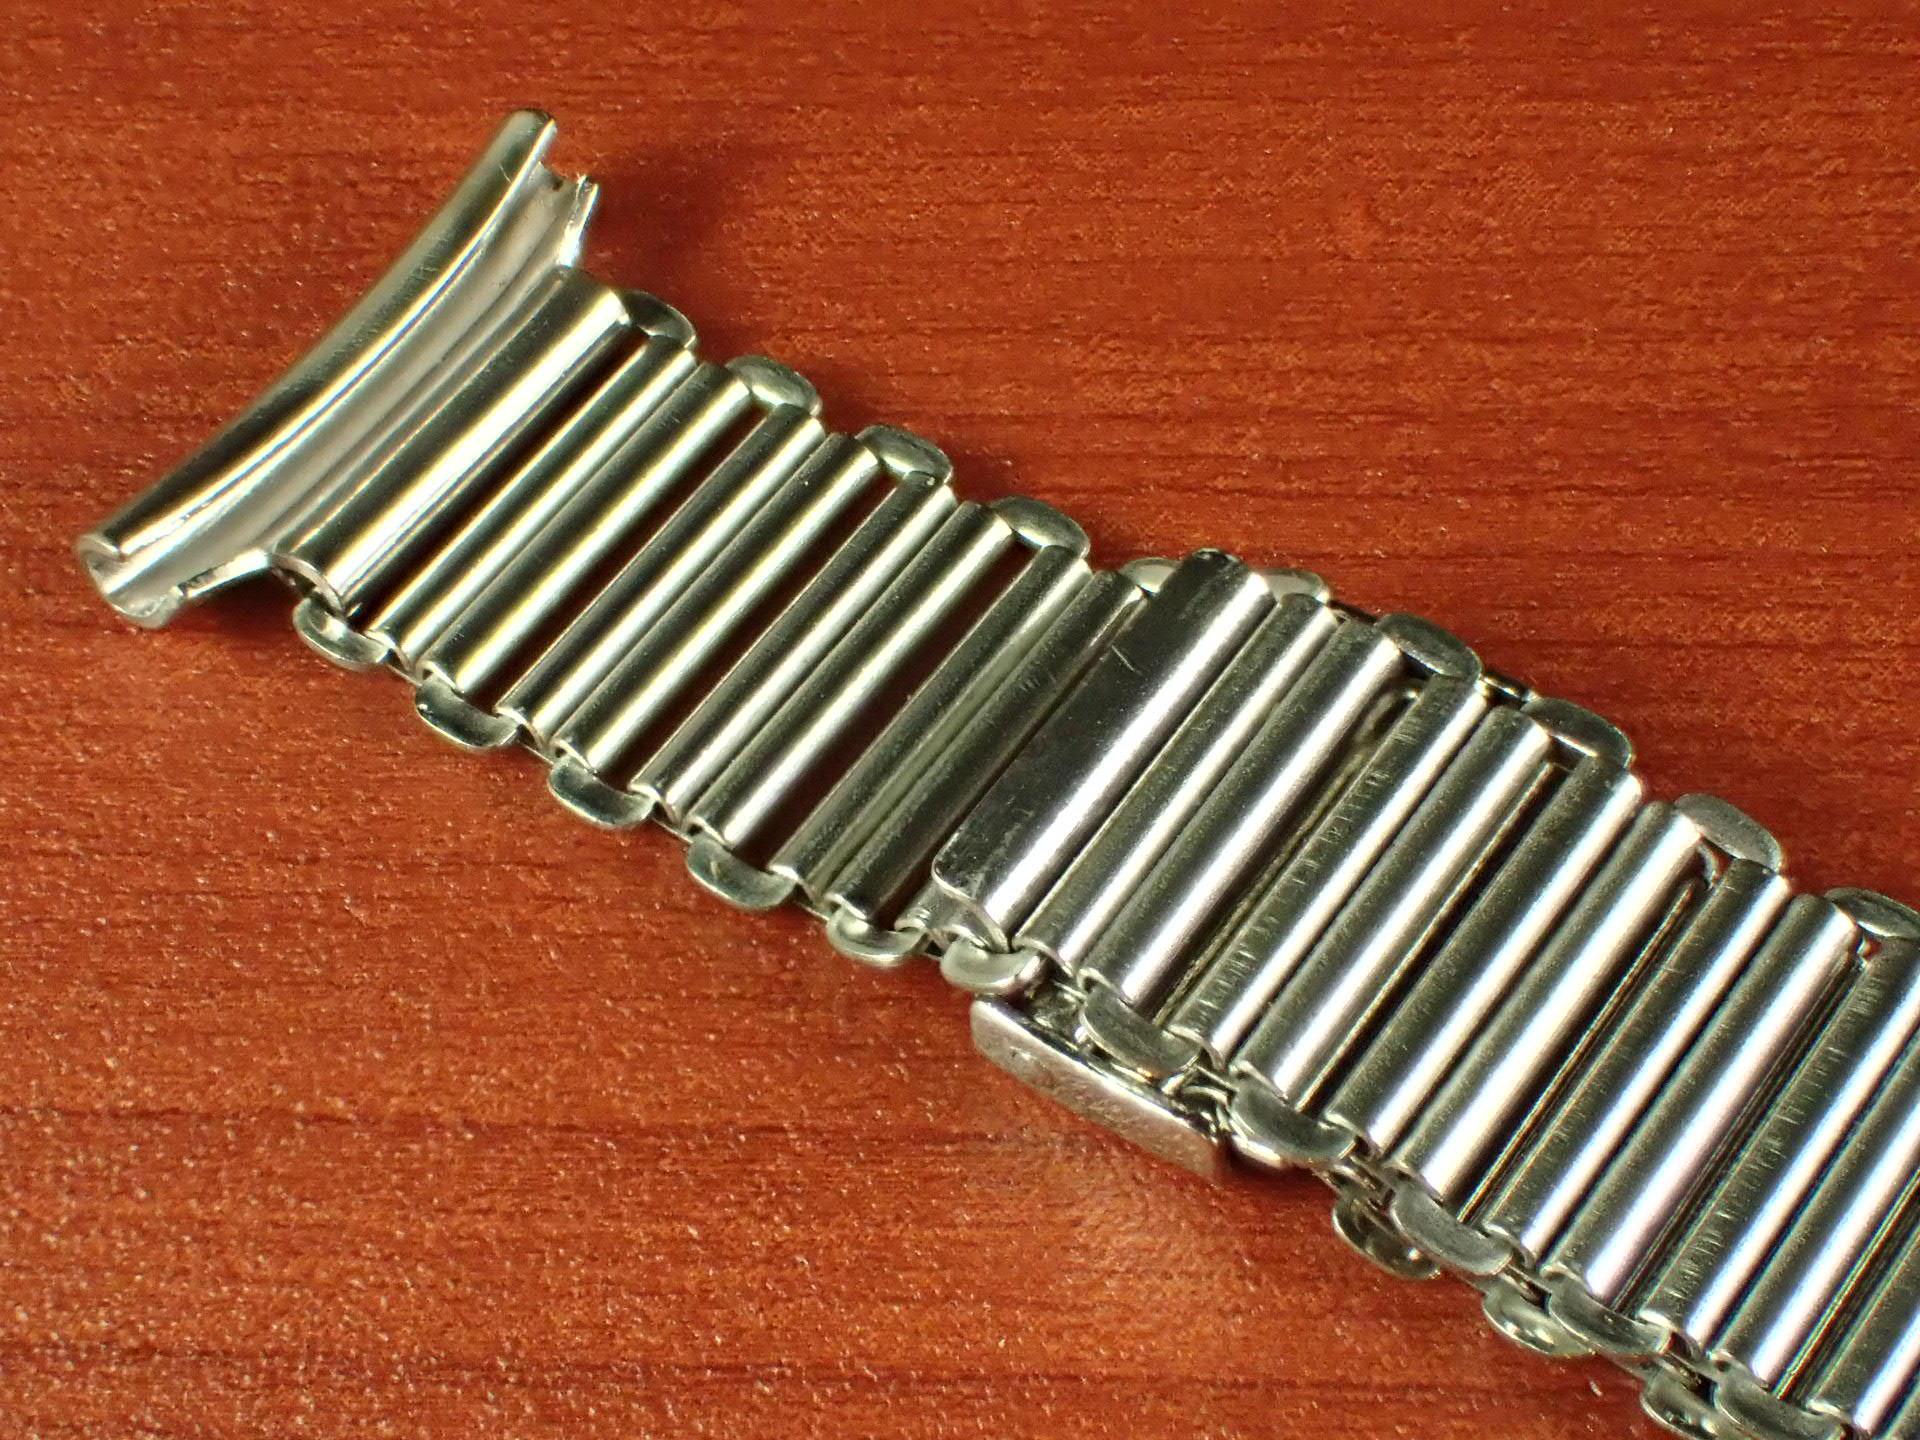 ボンクリップ バンブーブレス NOS リンク13mm 取付16mm Rエンド SS 1940年代の写真4枚目